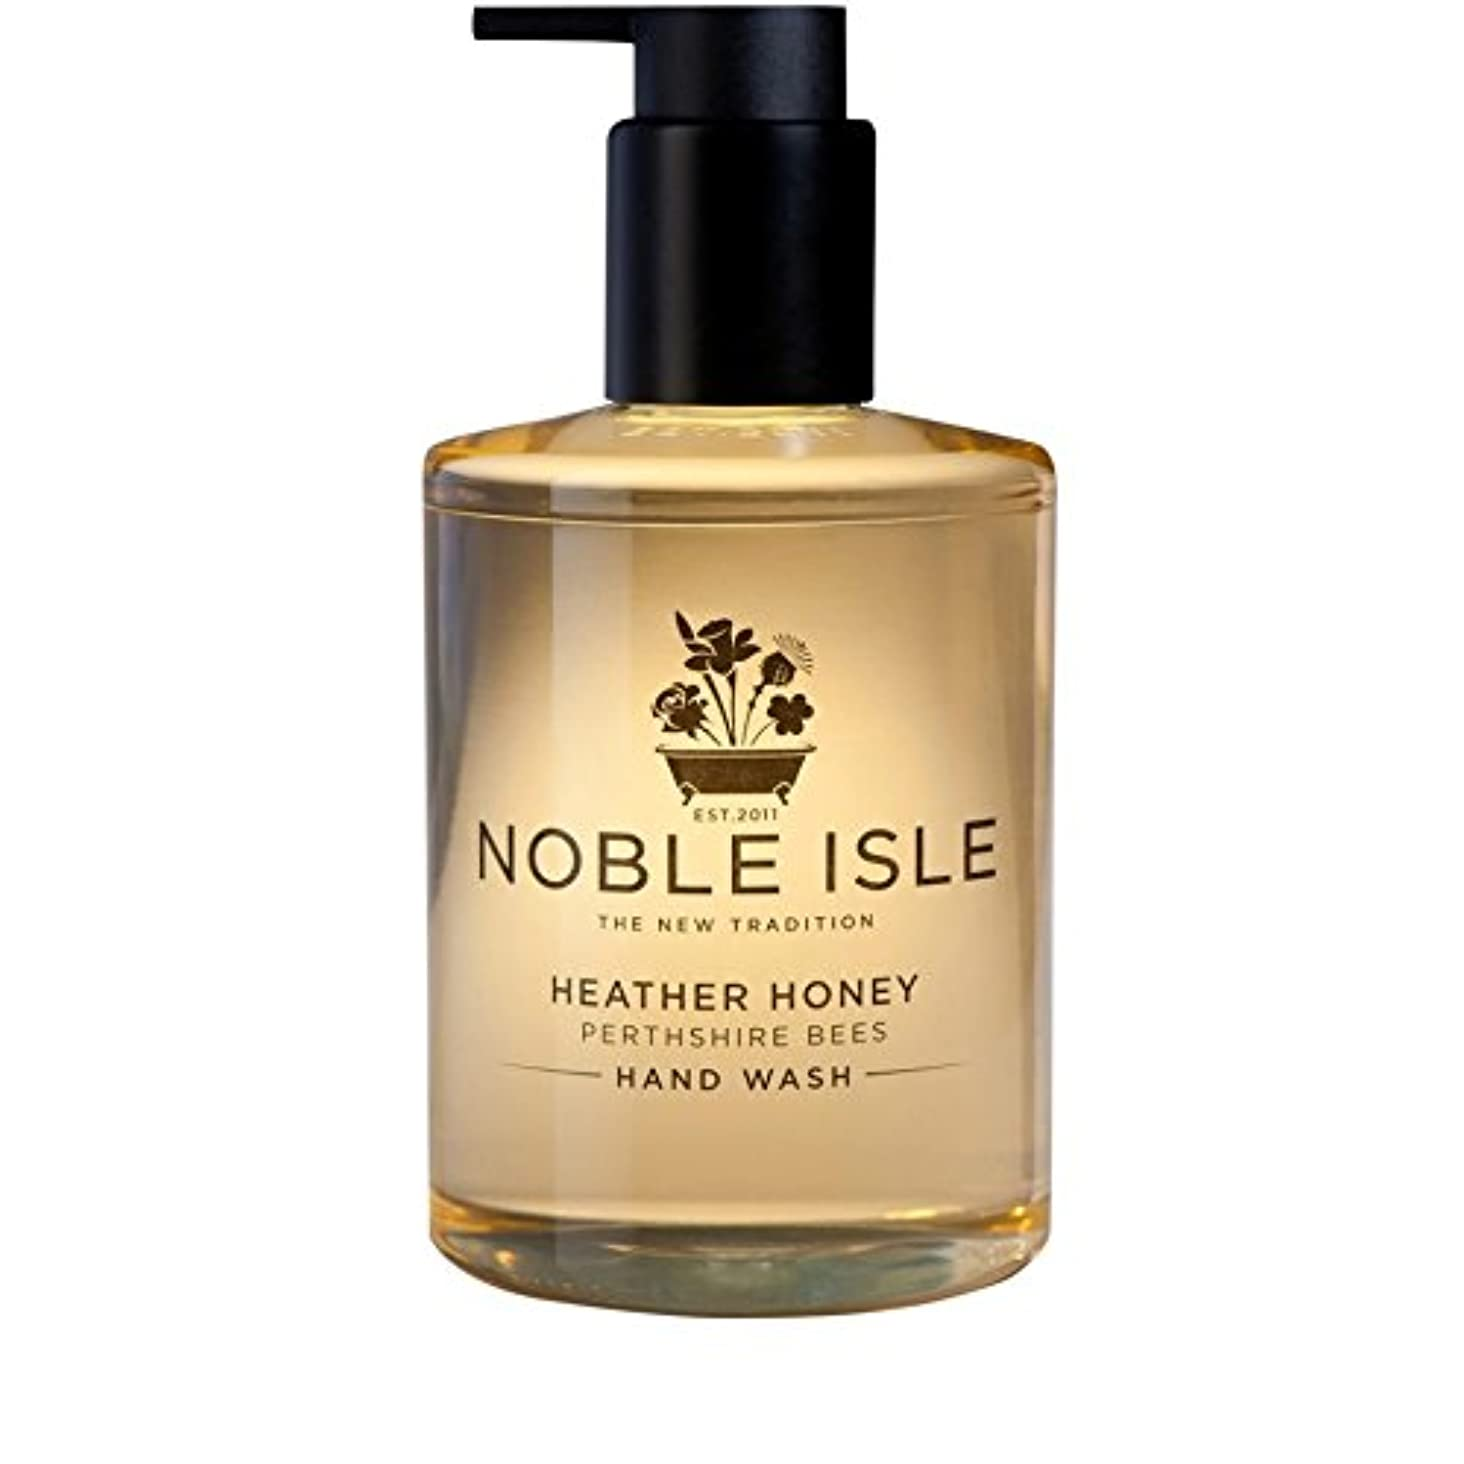 資産周波数ワイプNoble Isle Heather Honey Perthshire Bees Hand Wash 250ml (Pack of 6) - 高貴な島杢蜂蜜パースシャー蜂のハンドウォッシュ250ミリリットル x6 [並行輸入品]